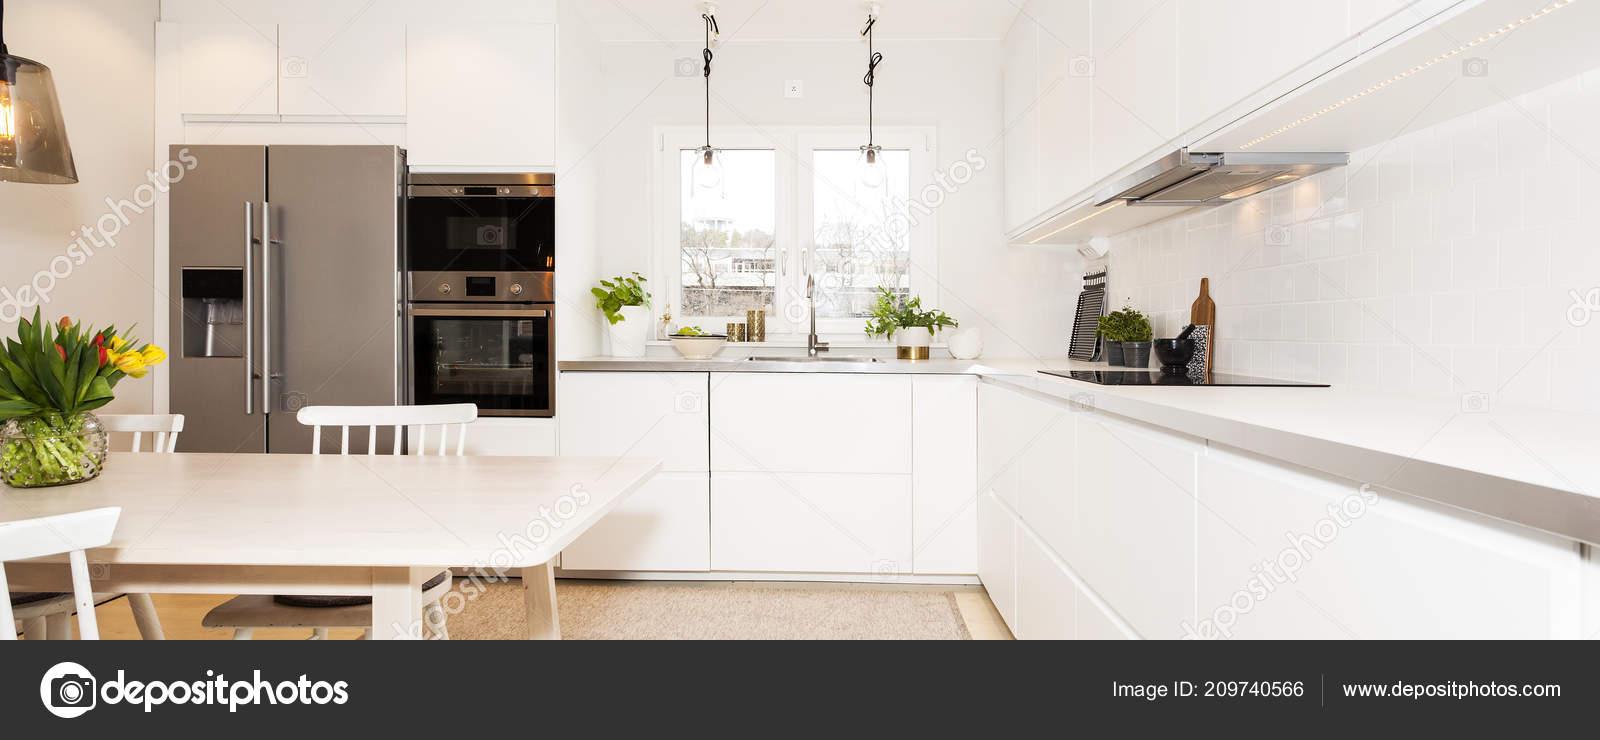 Ausgefallene Küche Interieur Mit Küche Tisch Und Stühlen Stockfoto